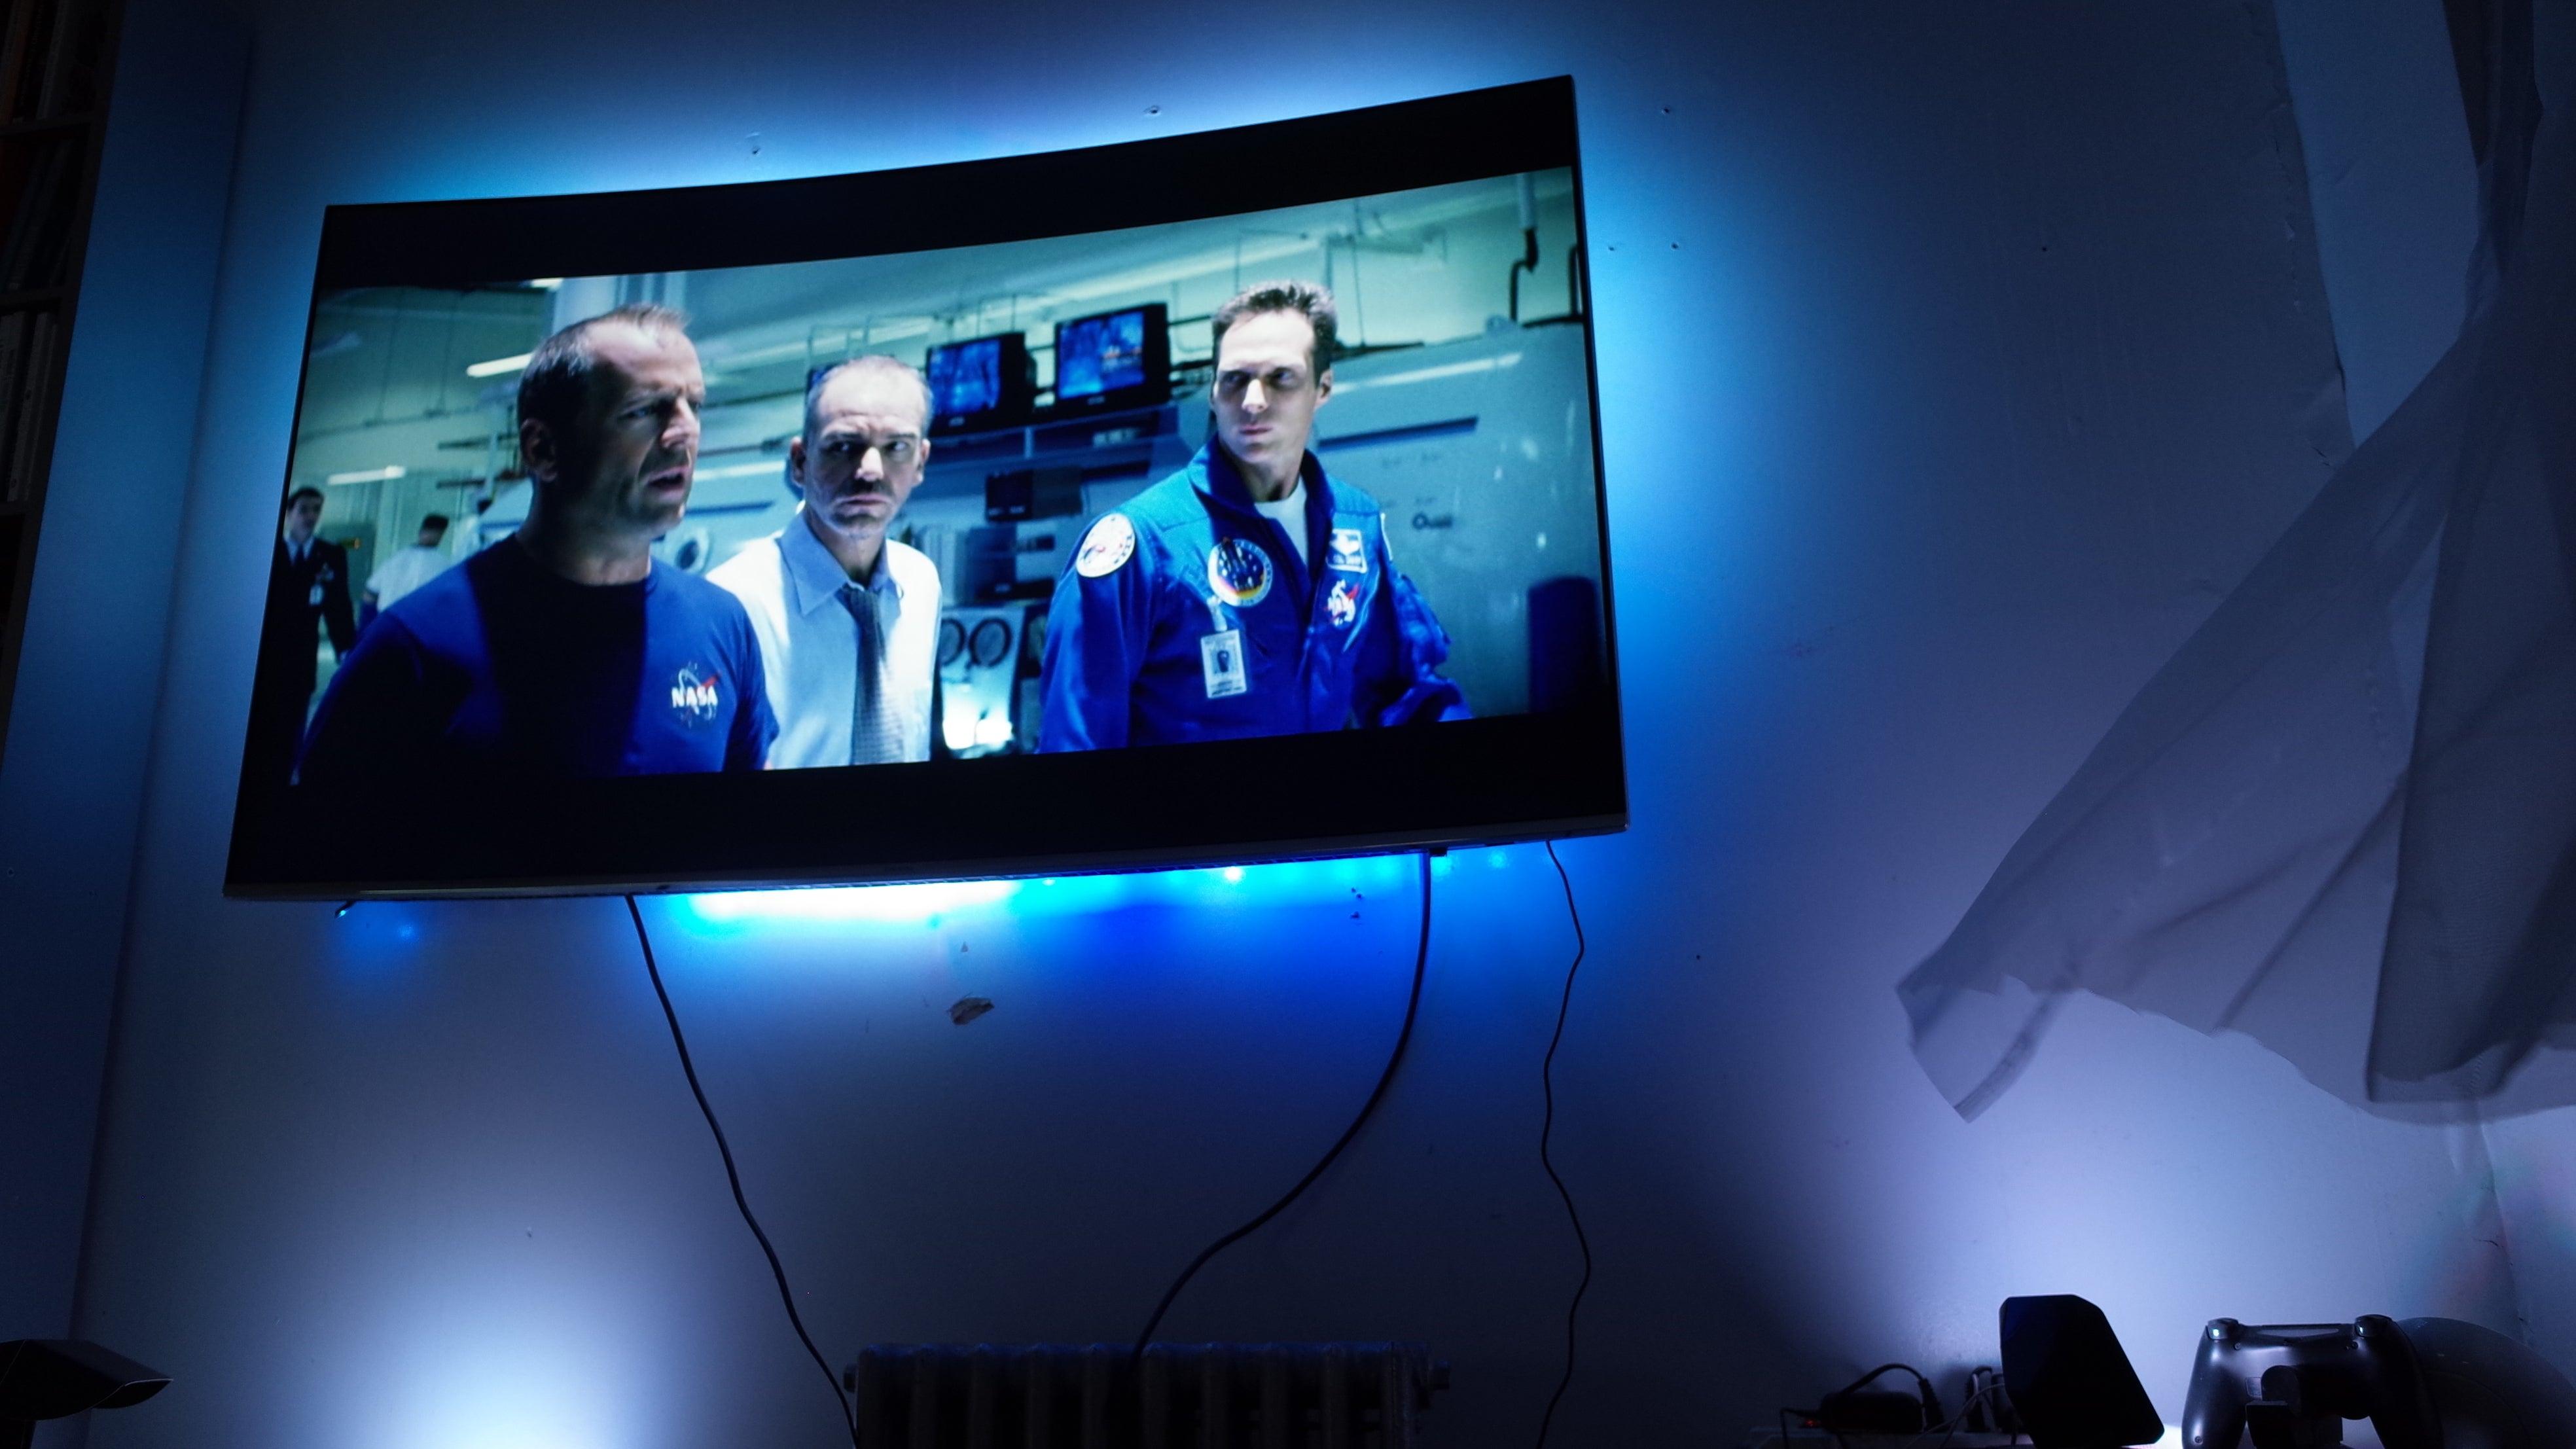 DreamScreen TV Backlighting Kit: The Gizmodo Review